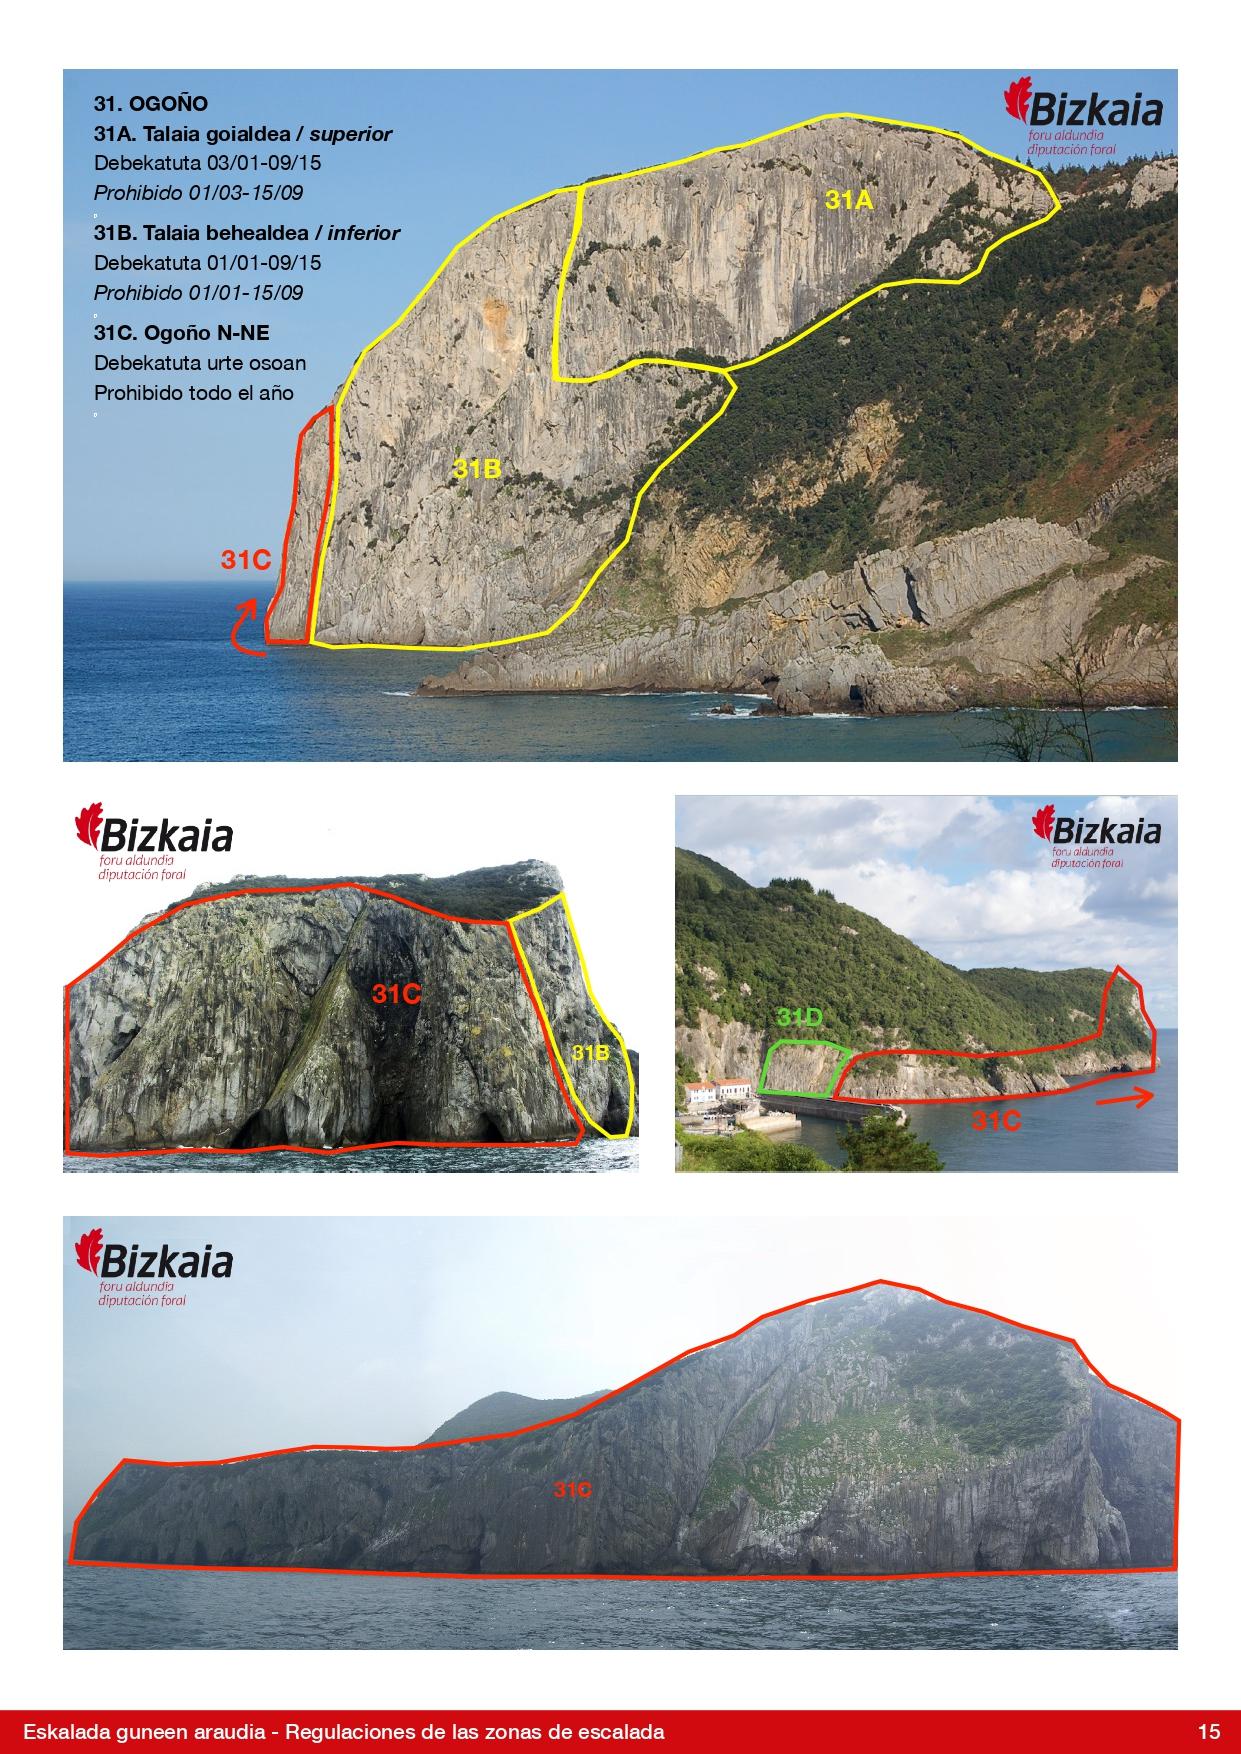 Imagen obtenida de la página web de la Diputación Foral de Bizkaia